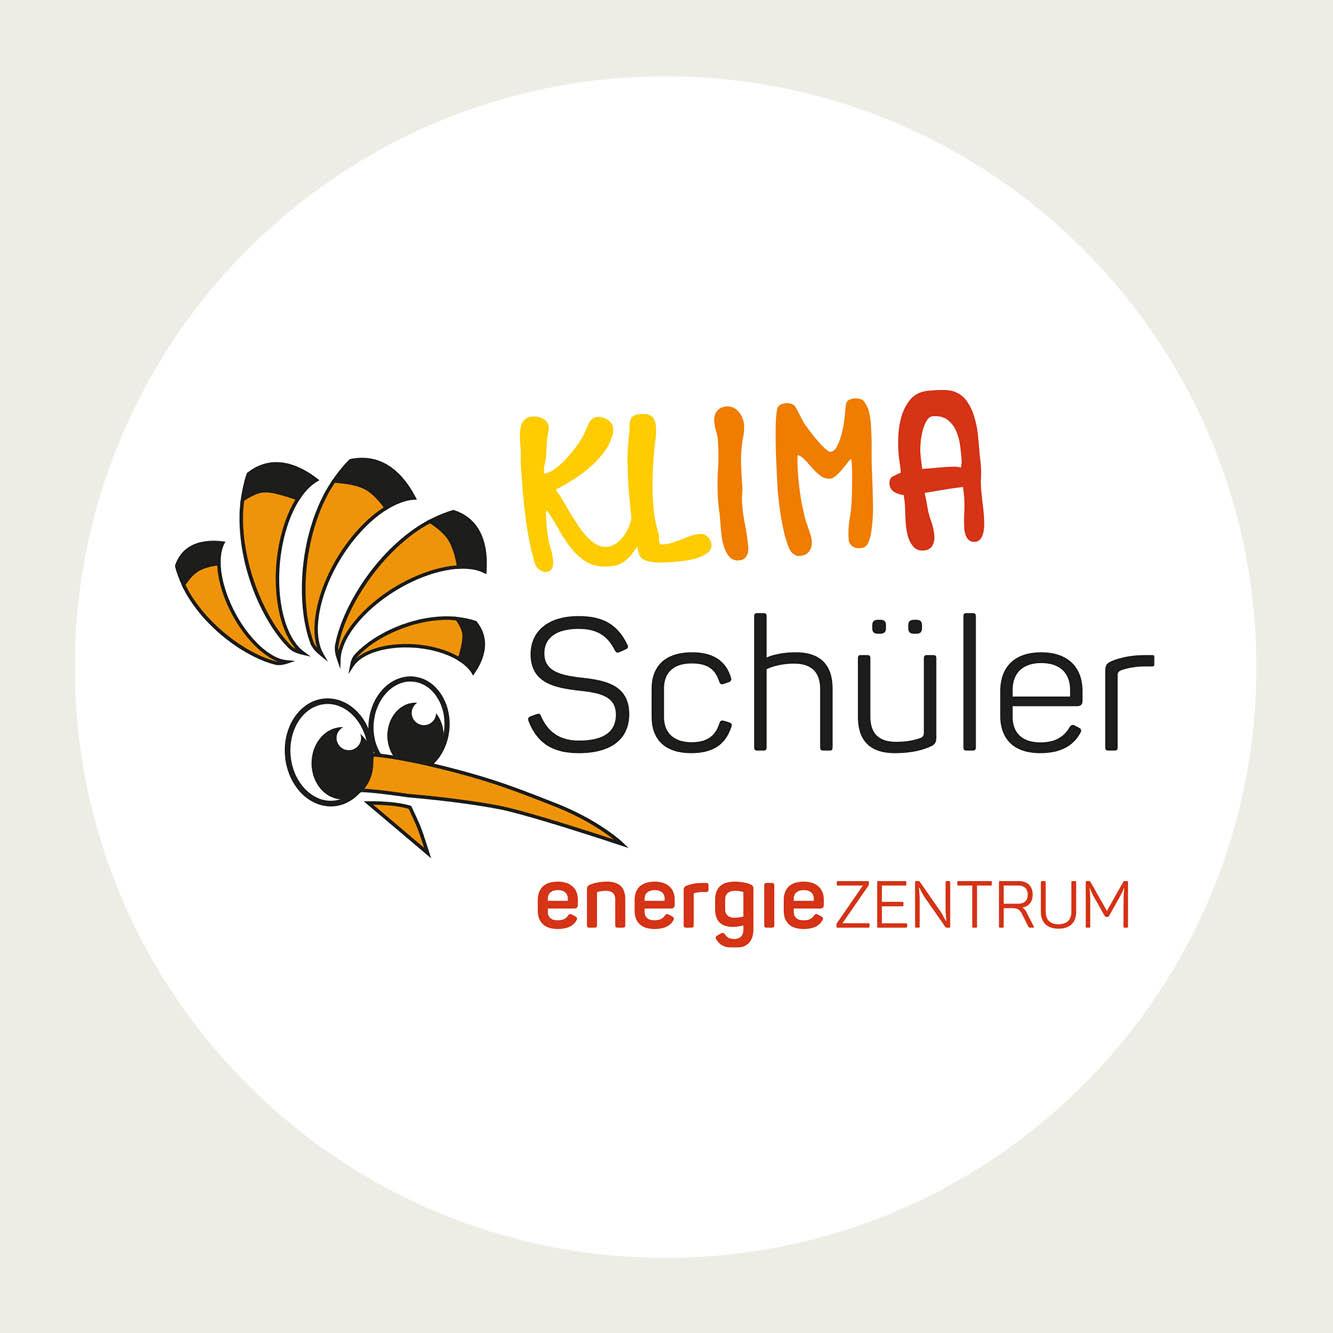 Logo KLIMASchueler